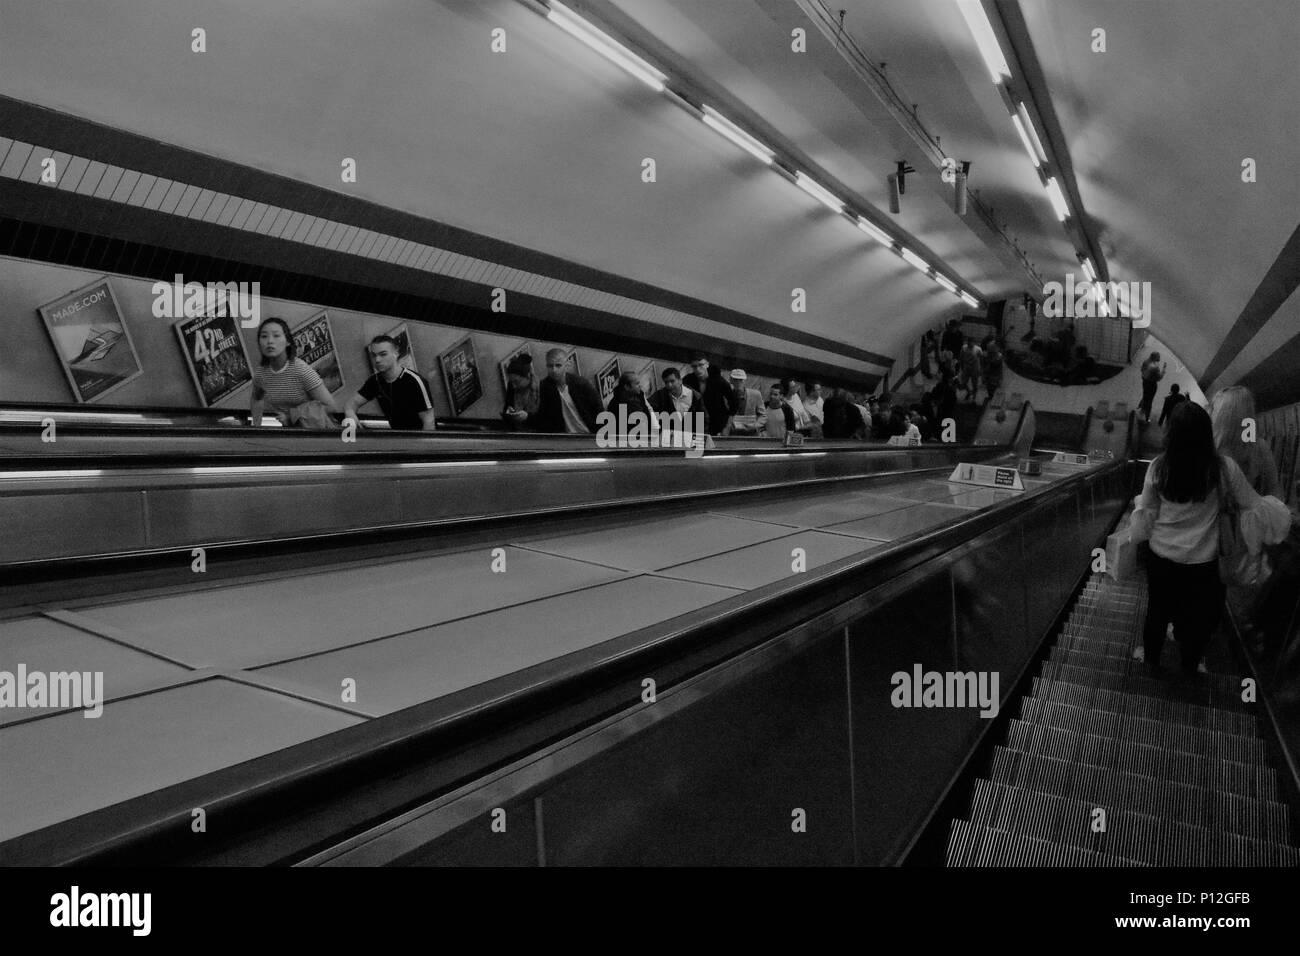 black and White image of people on escalators at London Underground, UK - concept / story image - Stock Image